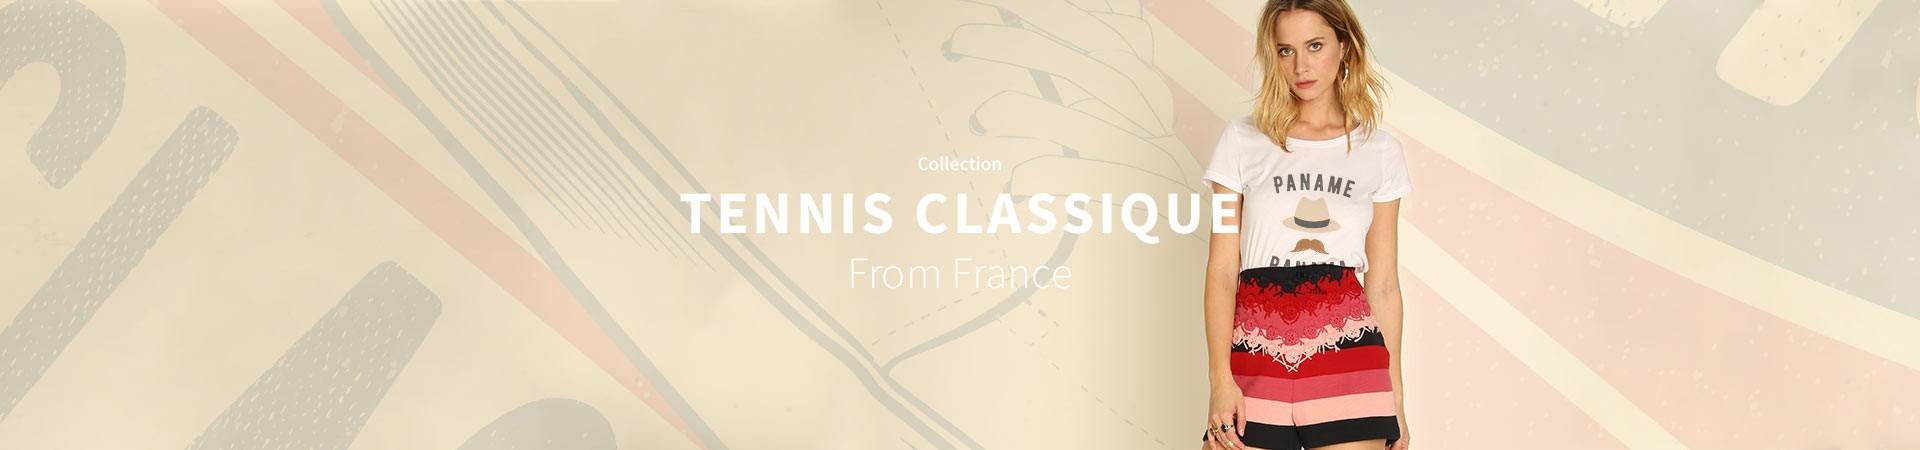 Tennis Classique